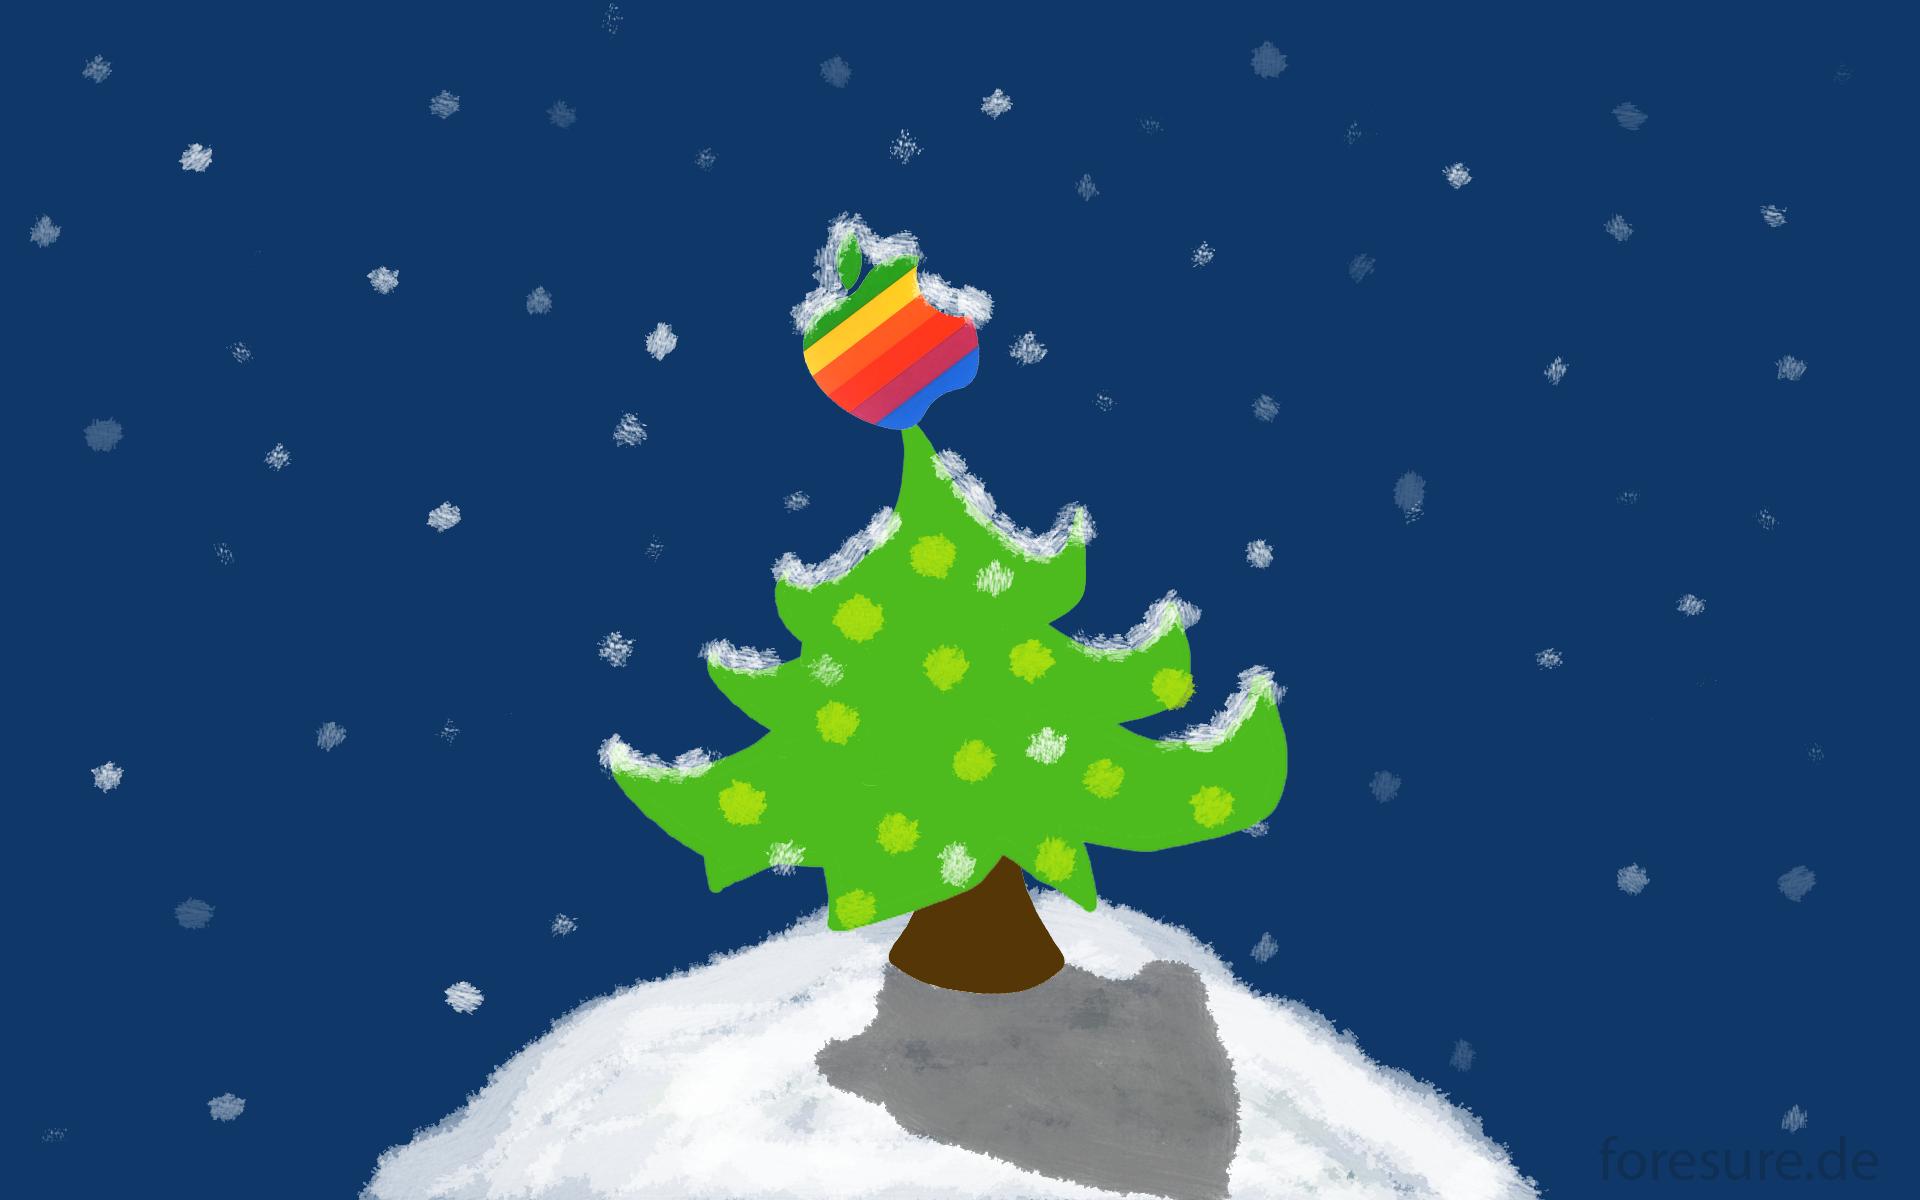 Digitale Weihnachtskarten.Digitale Weihnachtskarten Und Weihnachtliche Wallpaper Mit